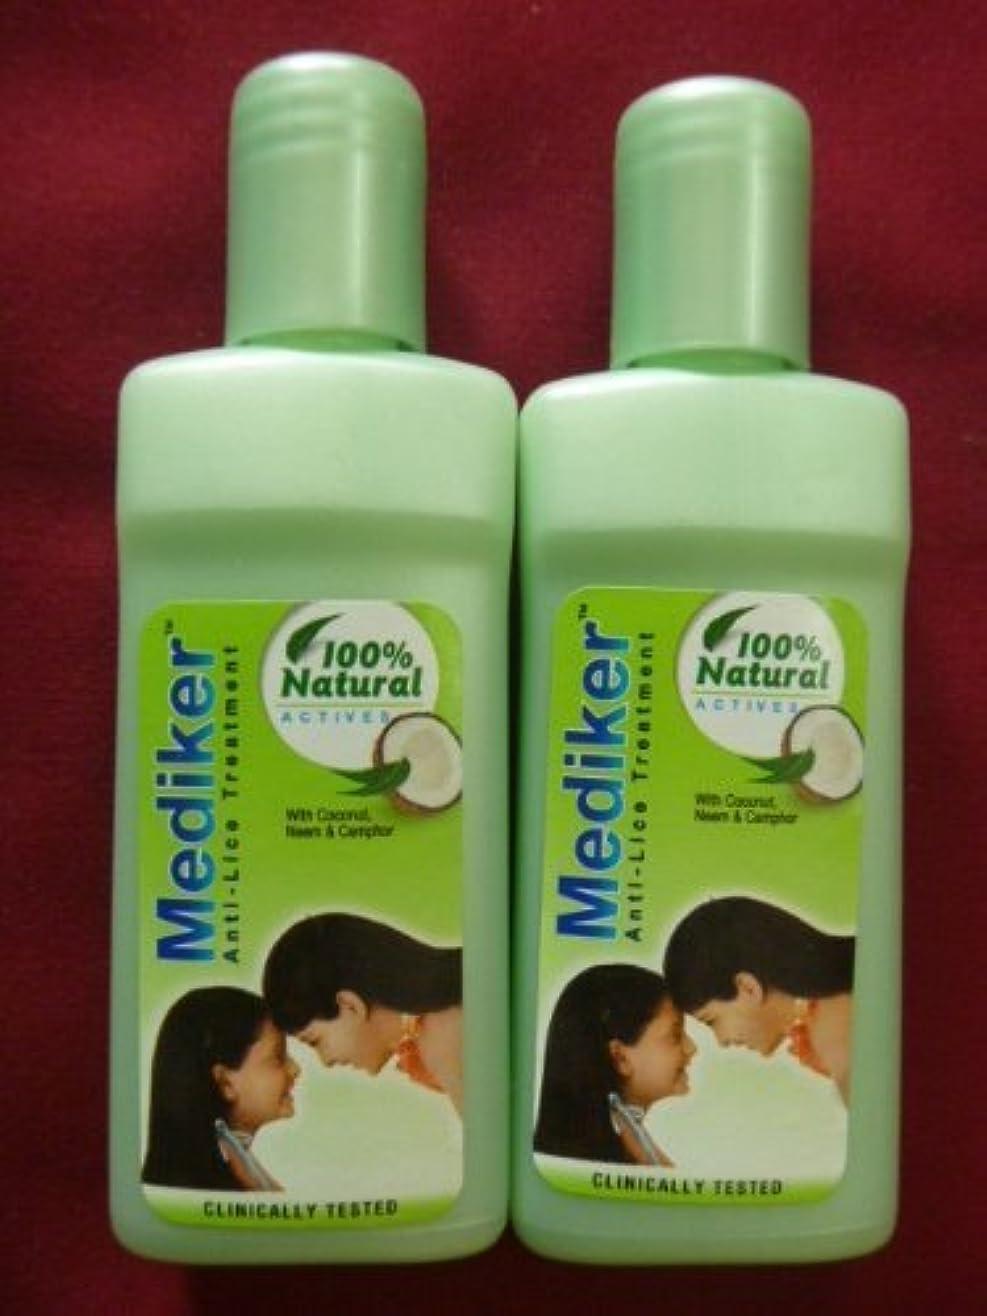 水星抑止する船外2 X Mediker Anti Lice Remover Treatment Head Shampoo 100% Lice Remove 50ml X 2 = 100ml by Mediker [並行輸入品]